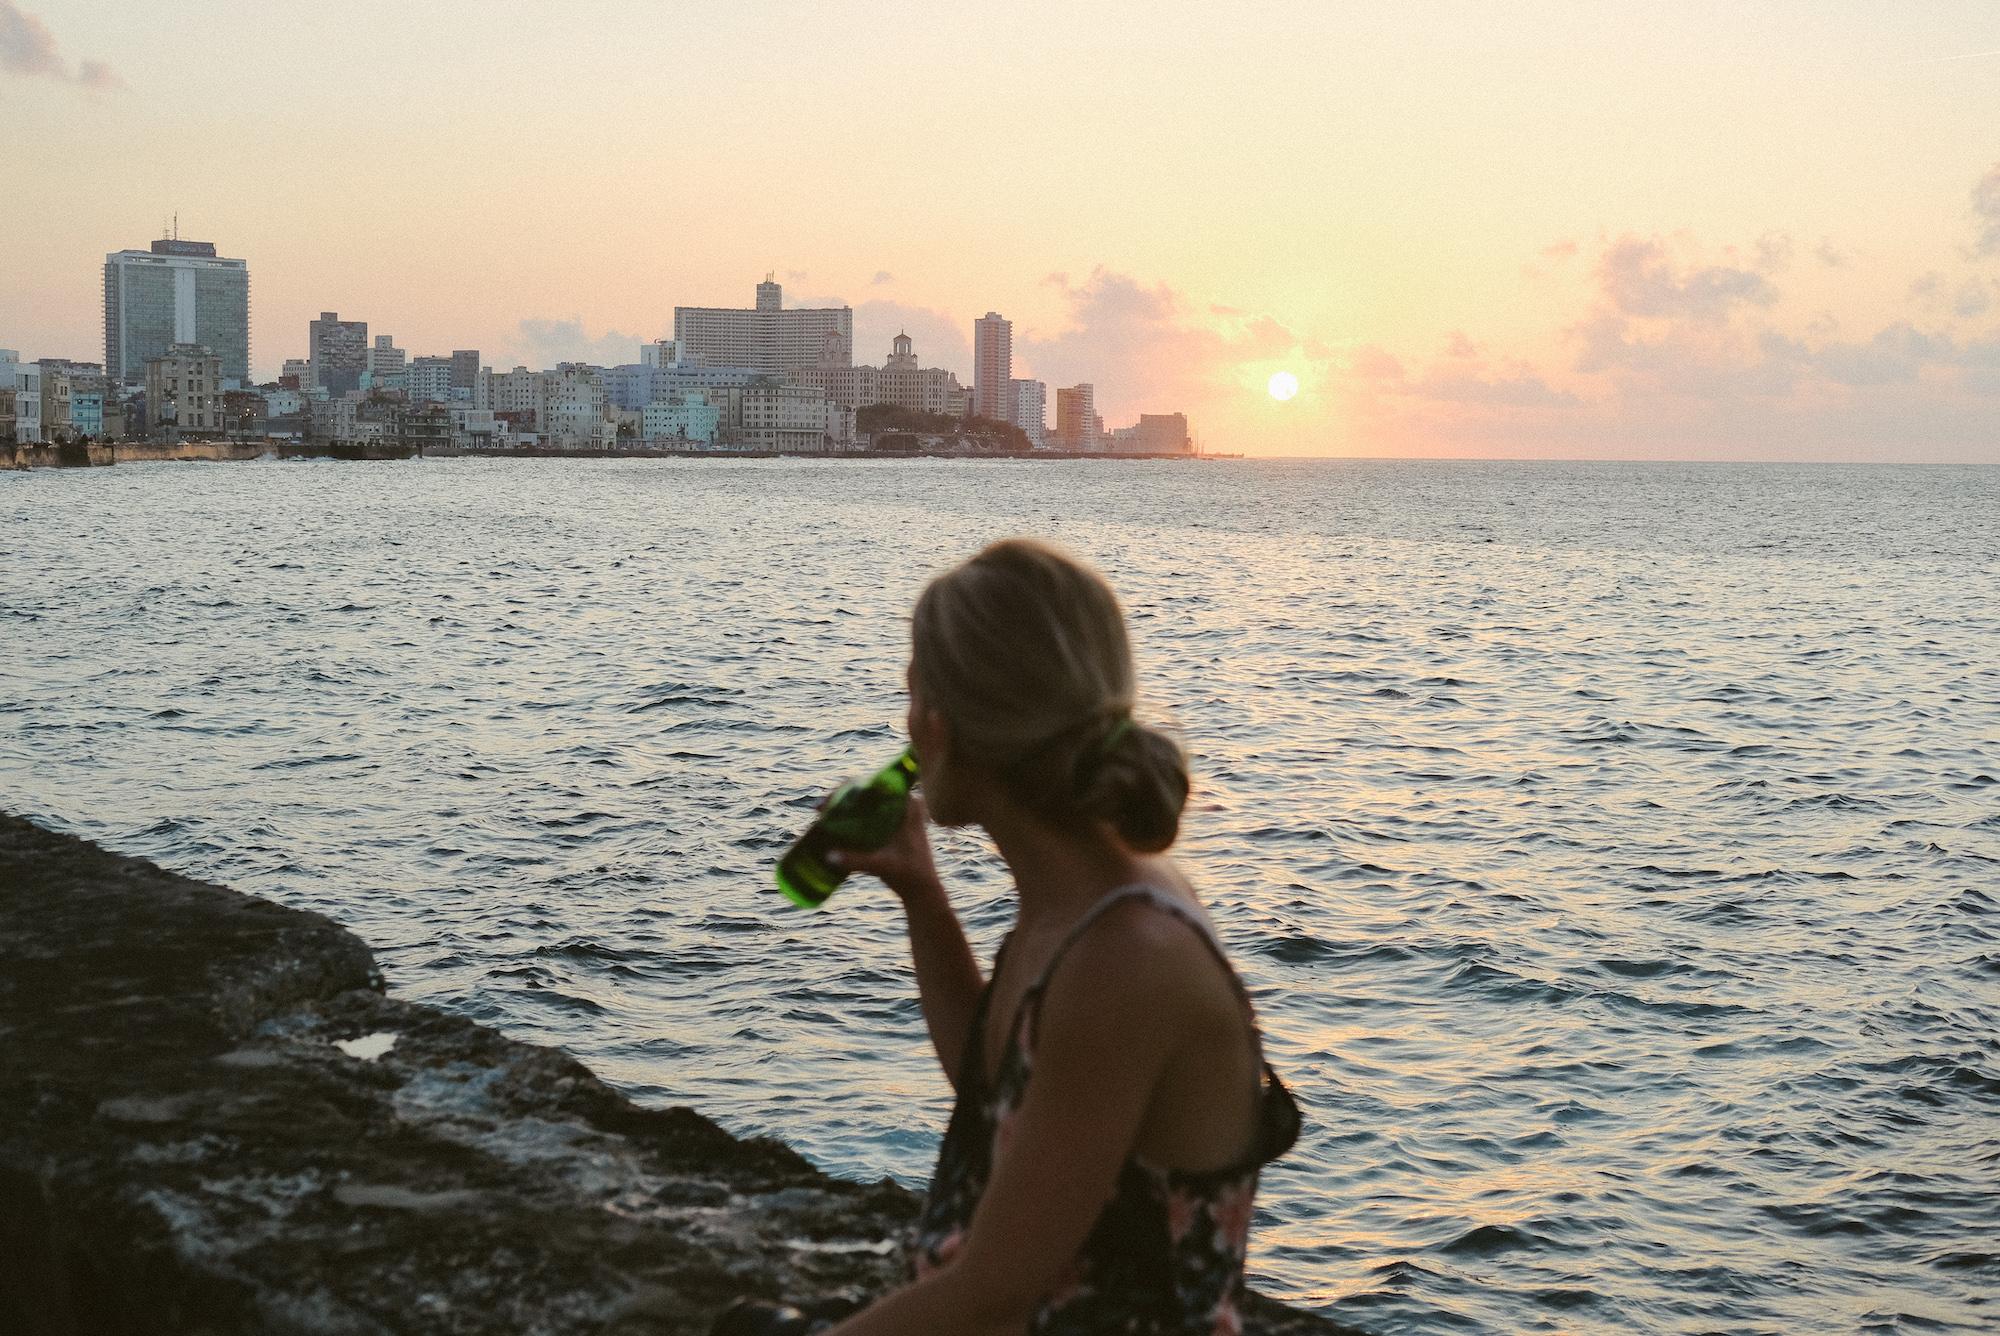 Cuba_Apr_18 (11 of 12).jpg